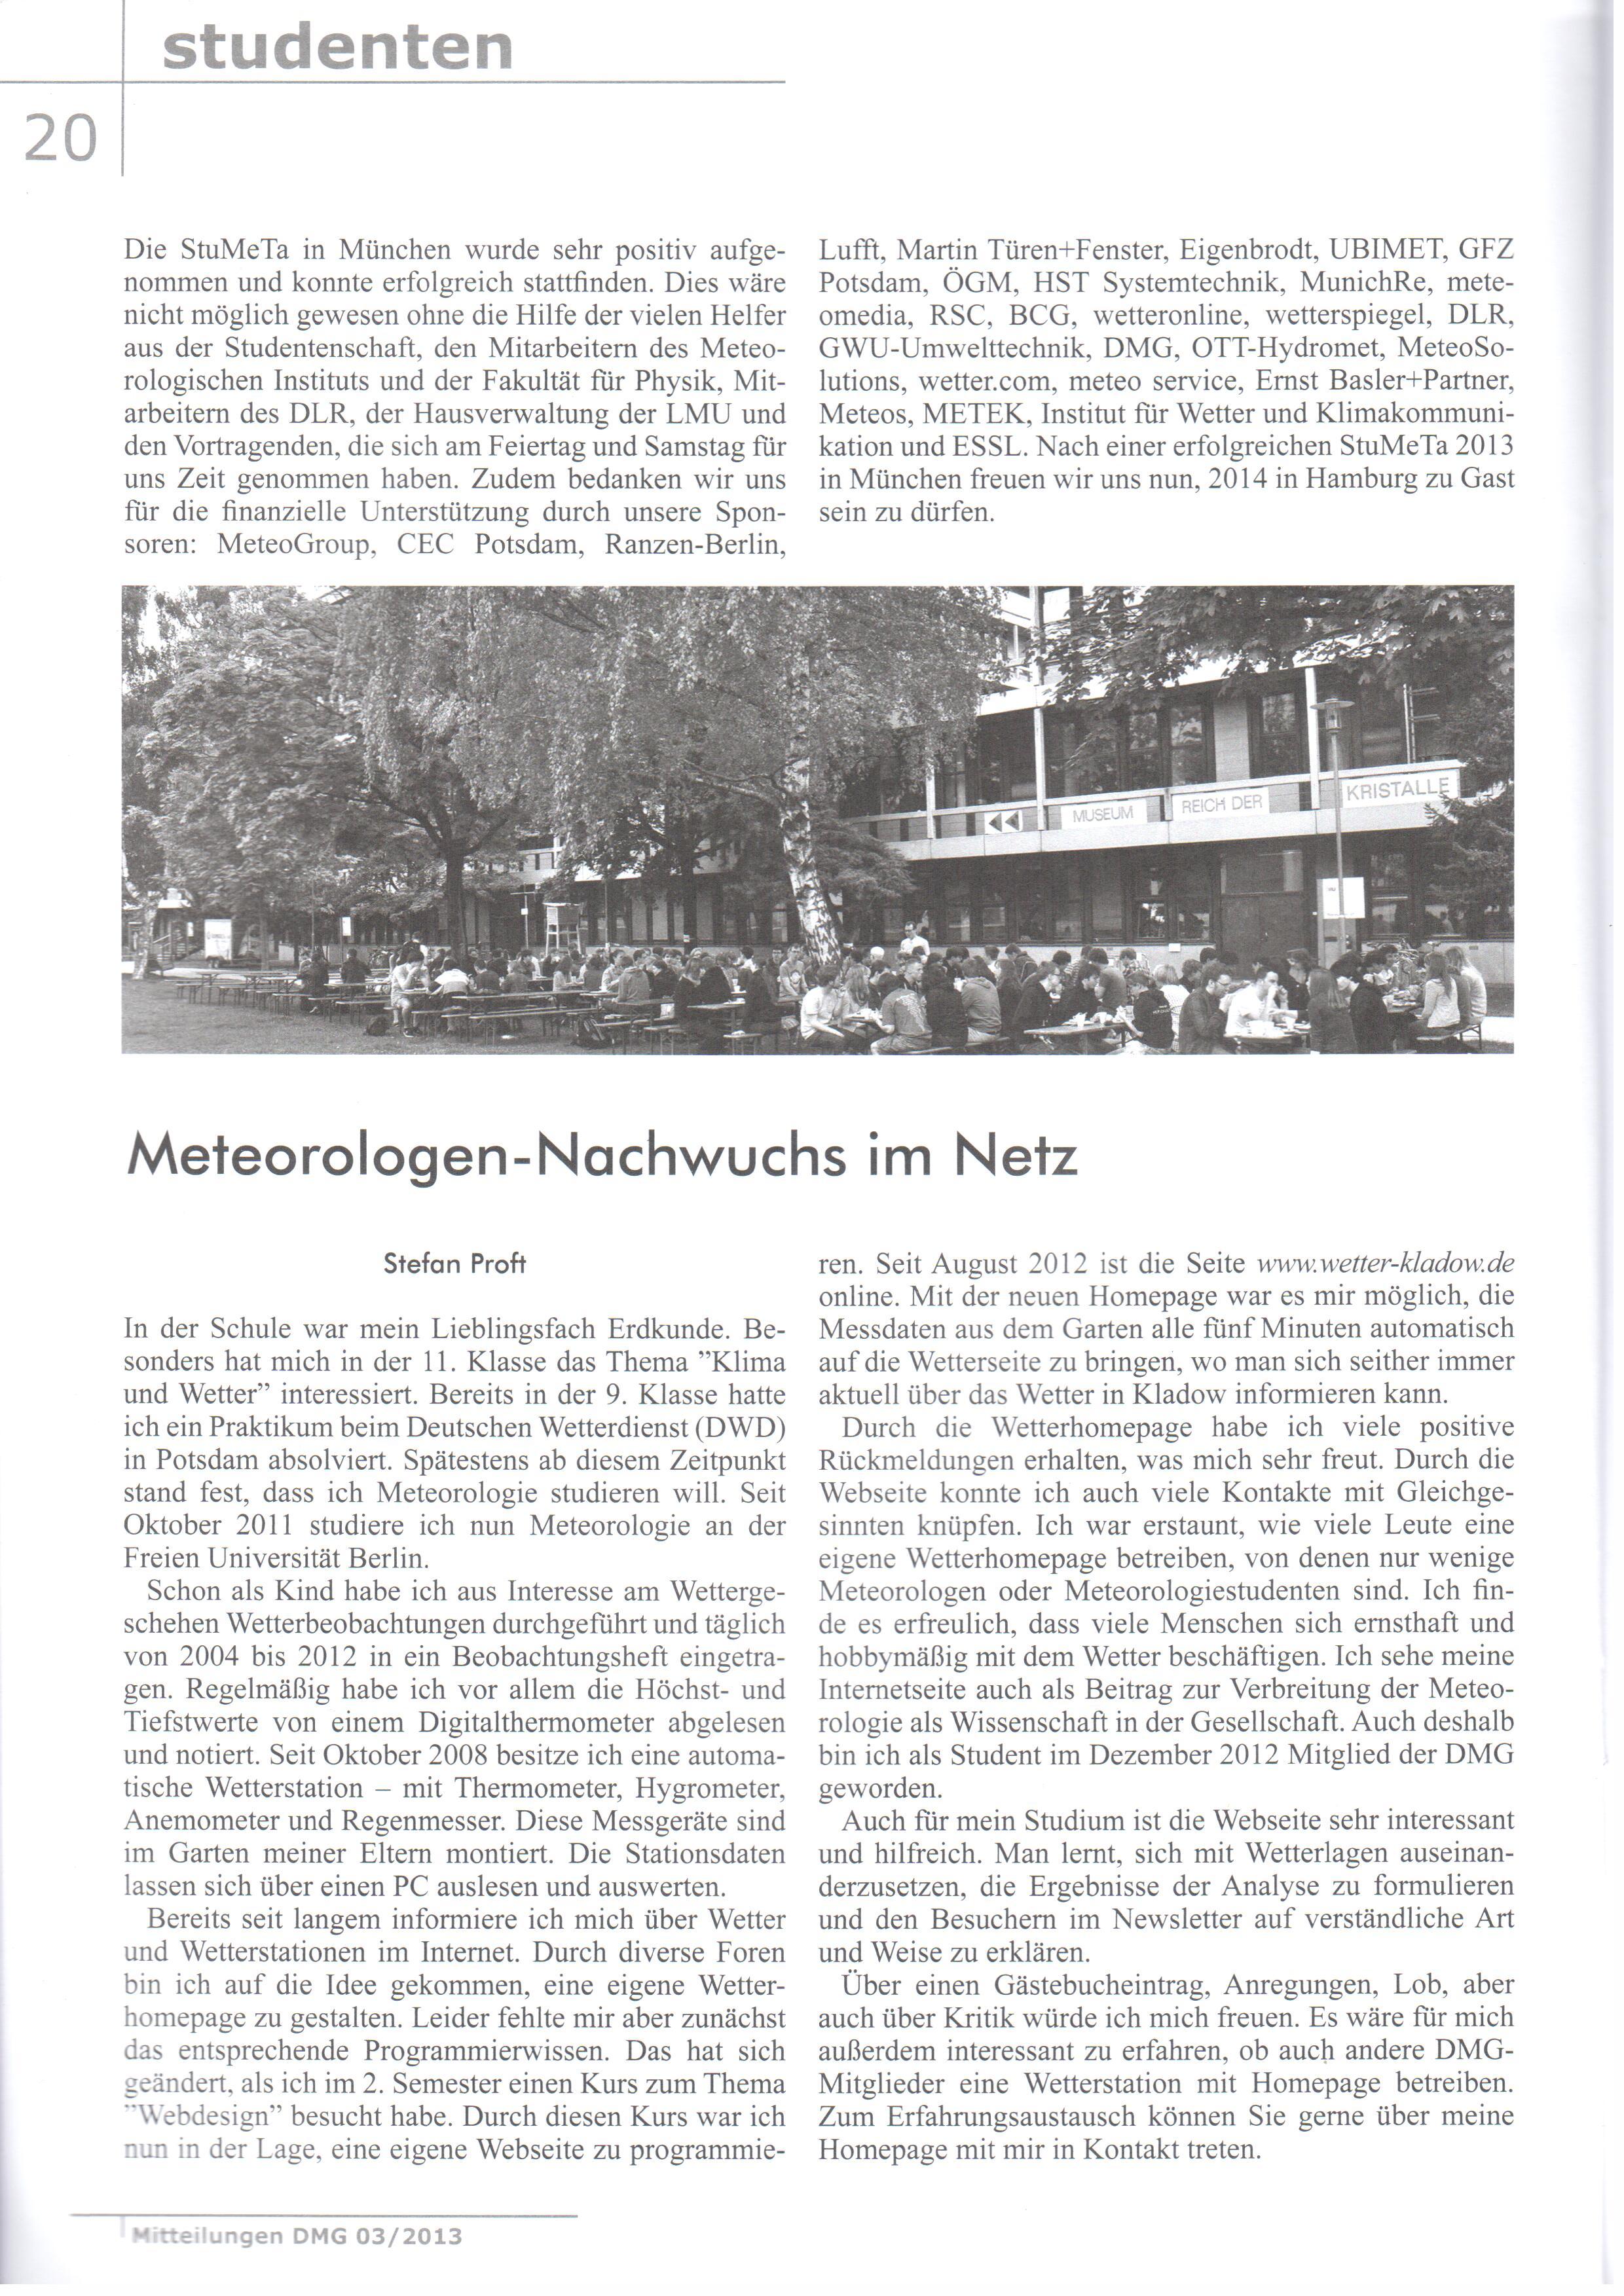 http://www.wetter-kladow.de/Bilder/dmg_mitteilungen_03_2013.jpg